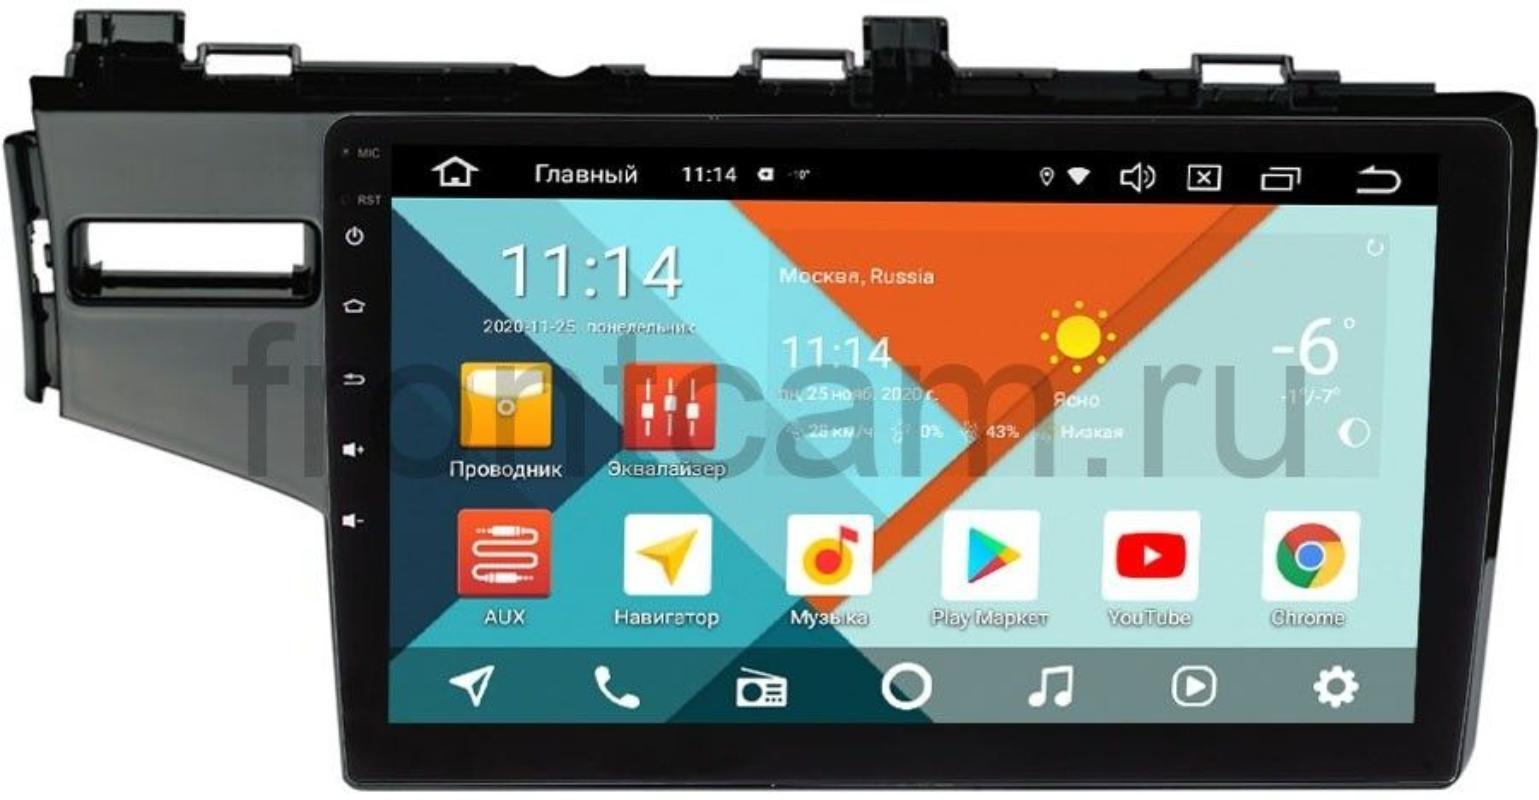 Штатная магнитола Honda Fit III, Jazz III 2015-2017 Wide Media KS10-468QM-2/32 DSP CarPlay 4G-SIM на Android 10 (+ Камера заднего вида в подарок!)